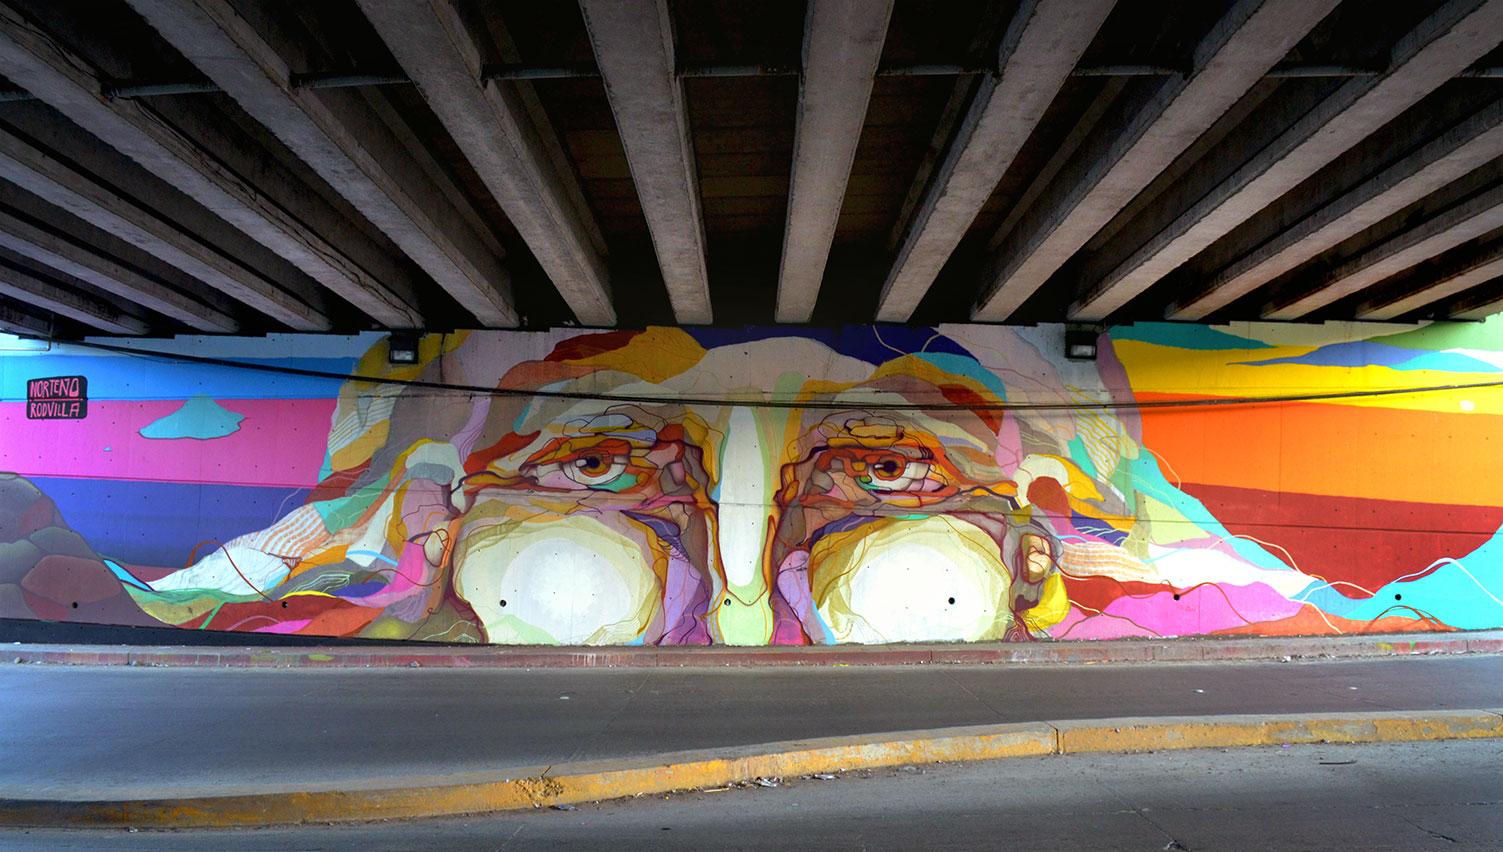 Alonso Delgadillo - Vigilante - Mural debajo de un puente con un rostro y las manos cerca de los ojos.